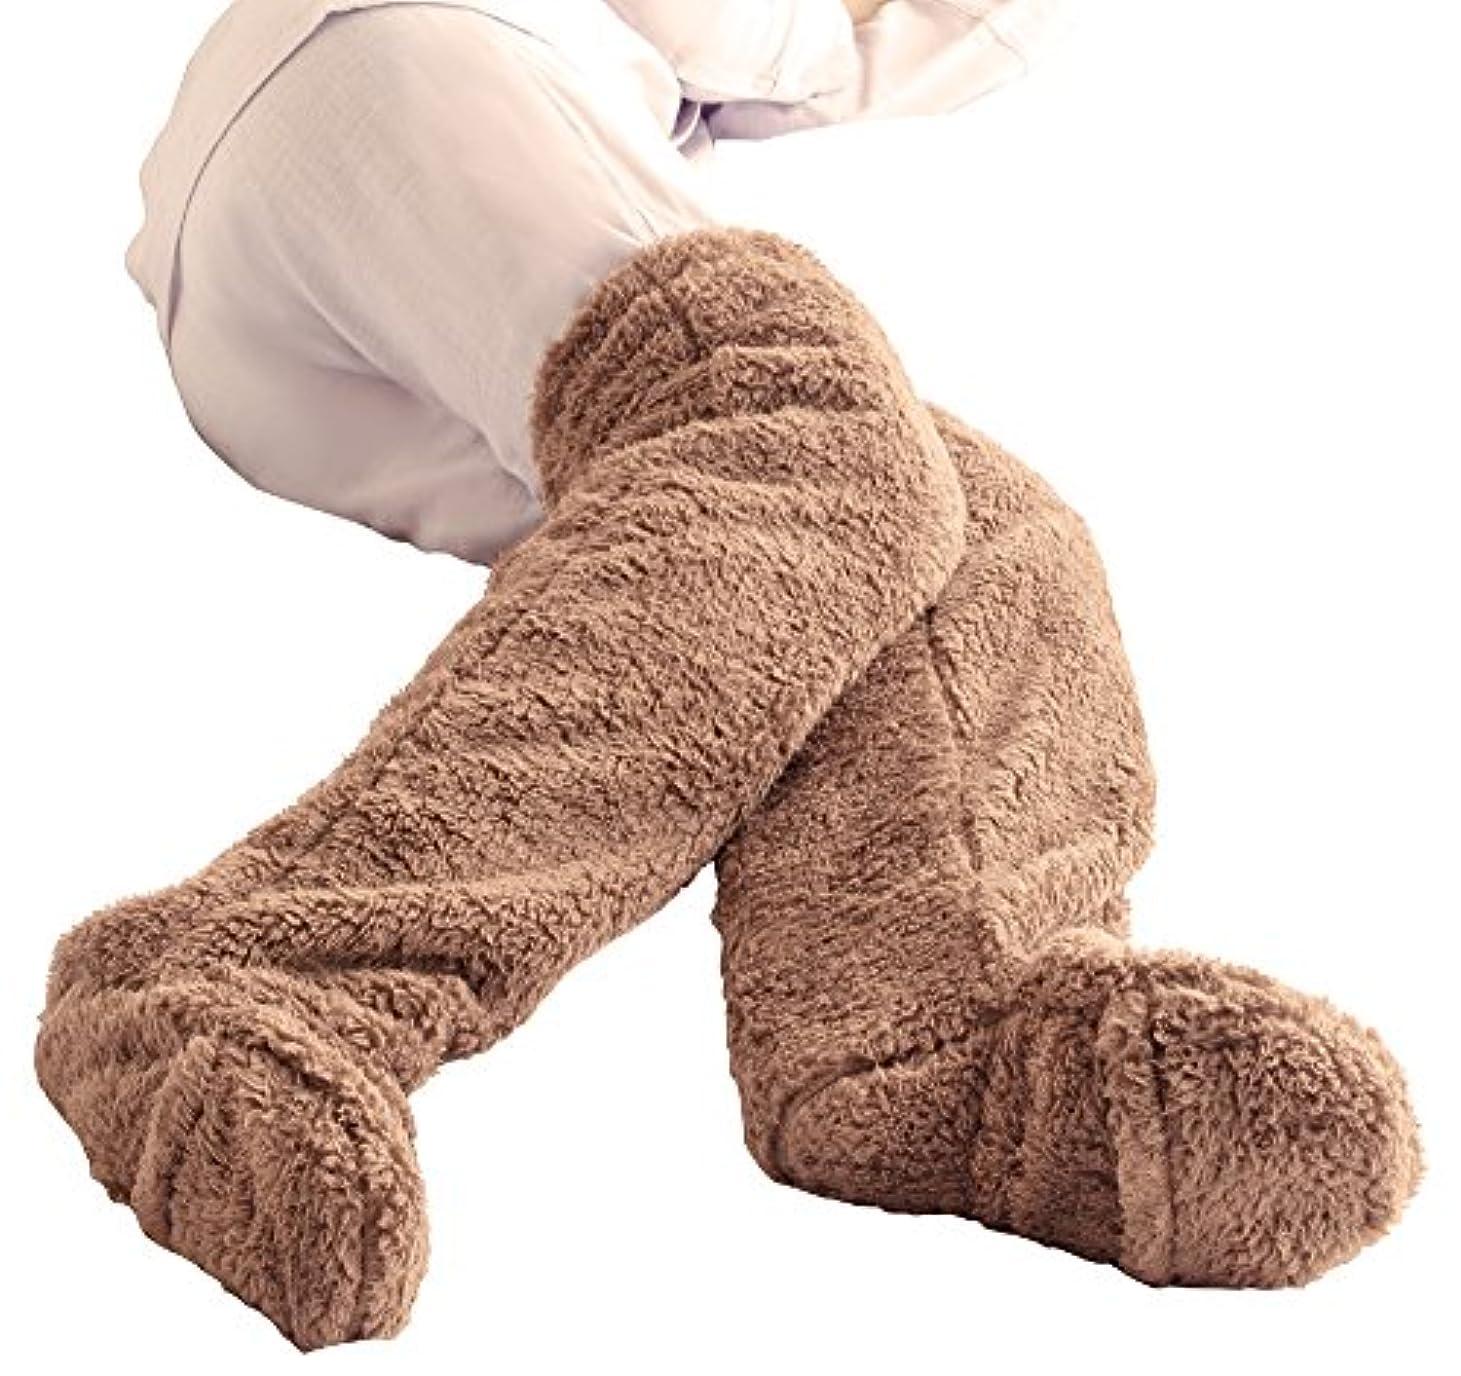 受け入れるくびれた間接的極暖 足が出せるロングカバー